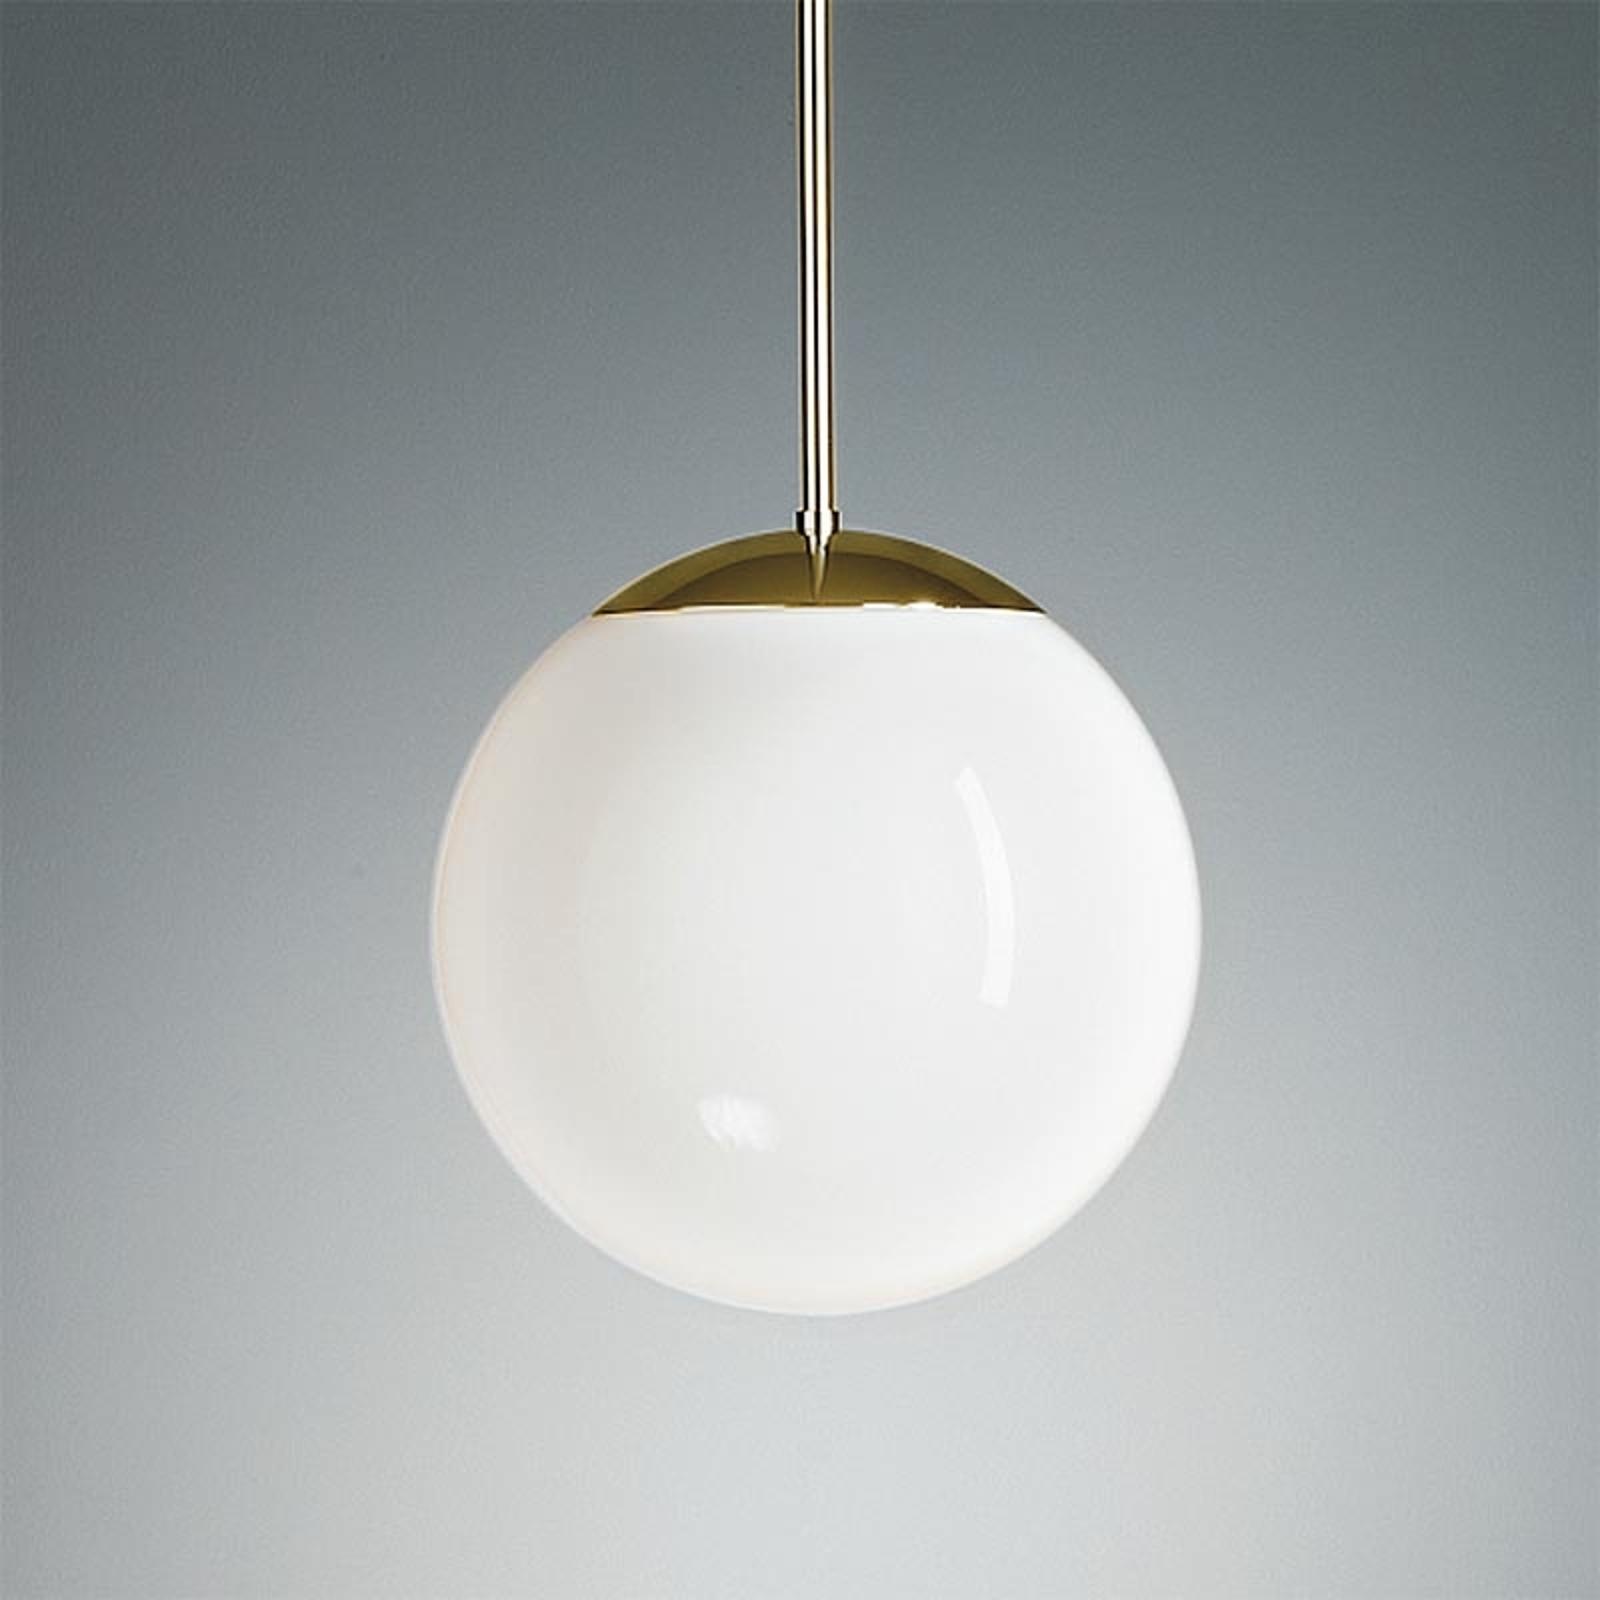 Suspension laiton boule opale 20 cm